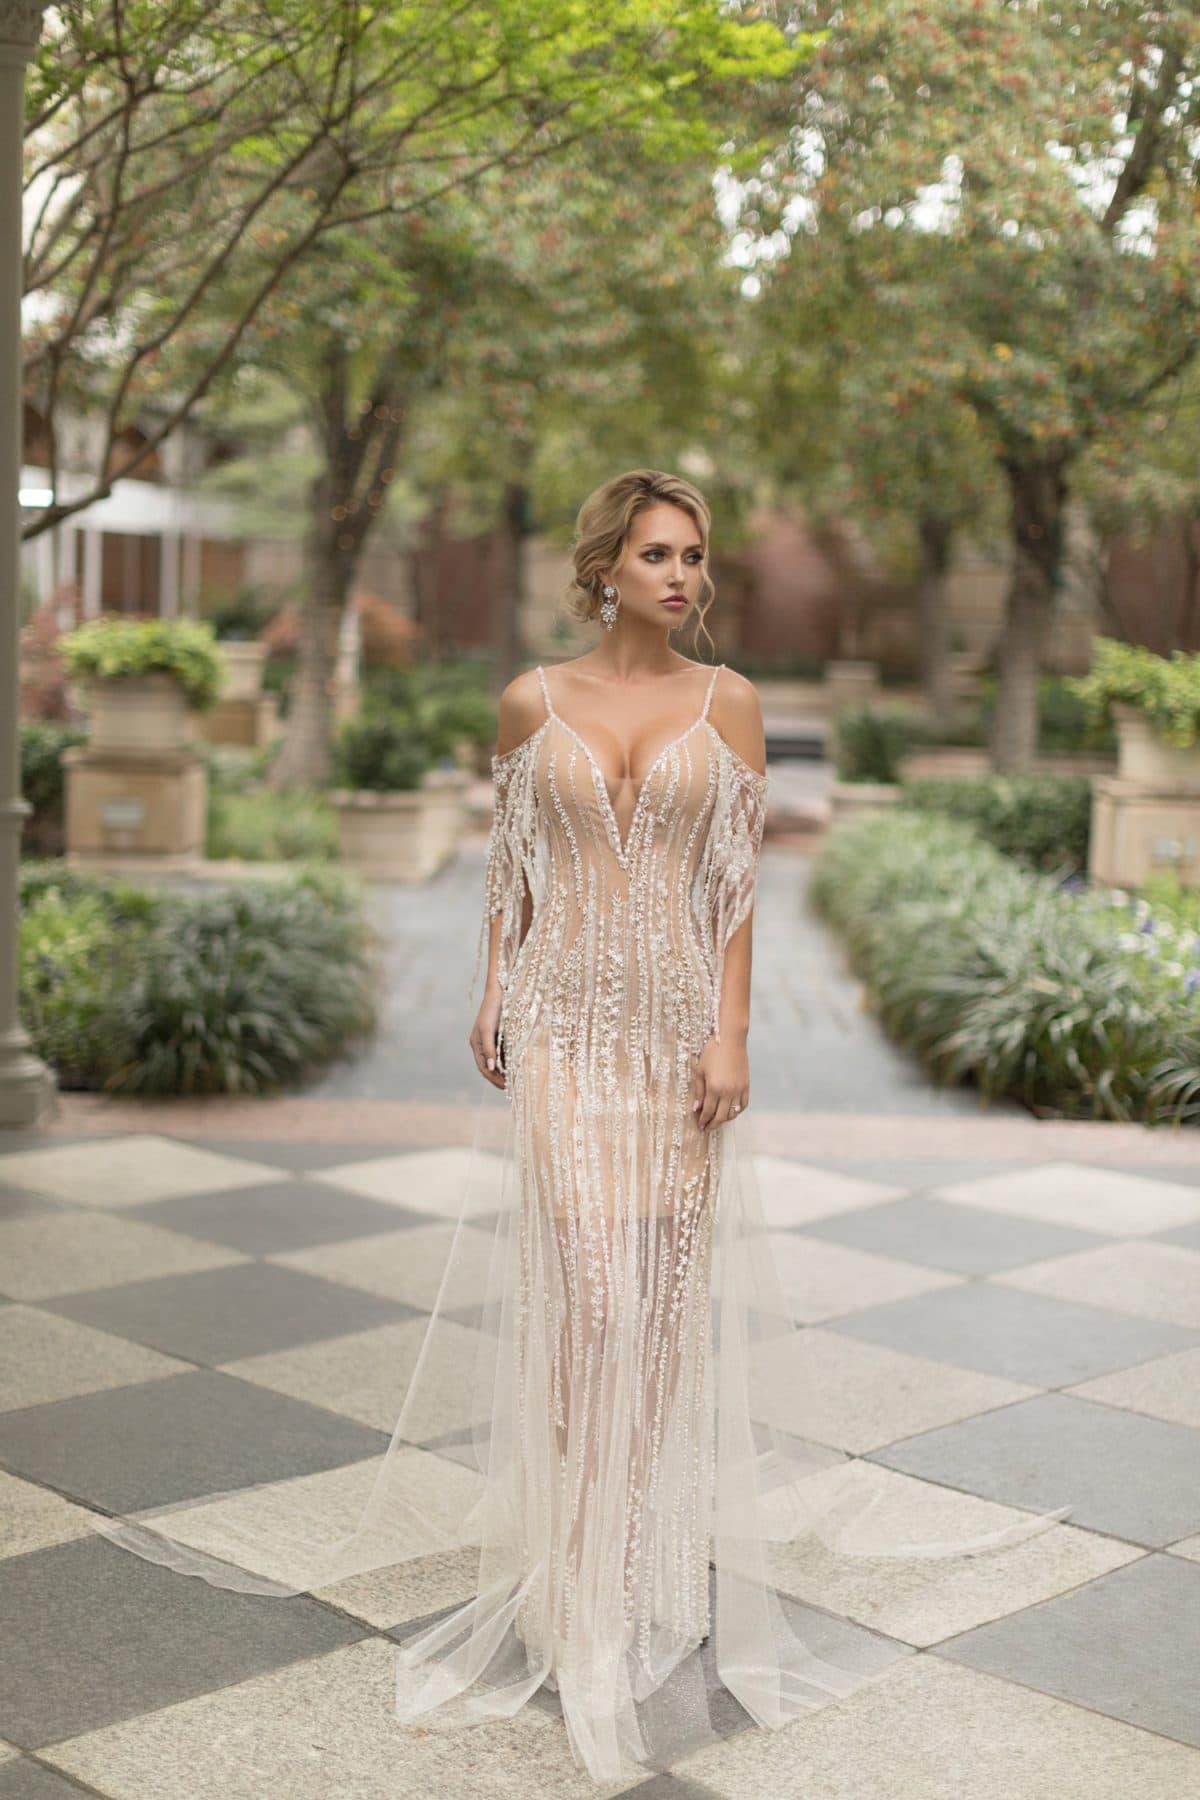 Naama and Anat Haute Couture, Naama and Anat Bridal, wedding dress, bridal couture, couture bridal, bridal designer, wedding gown, wedding dress shopping, bride